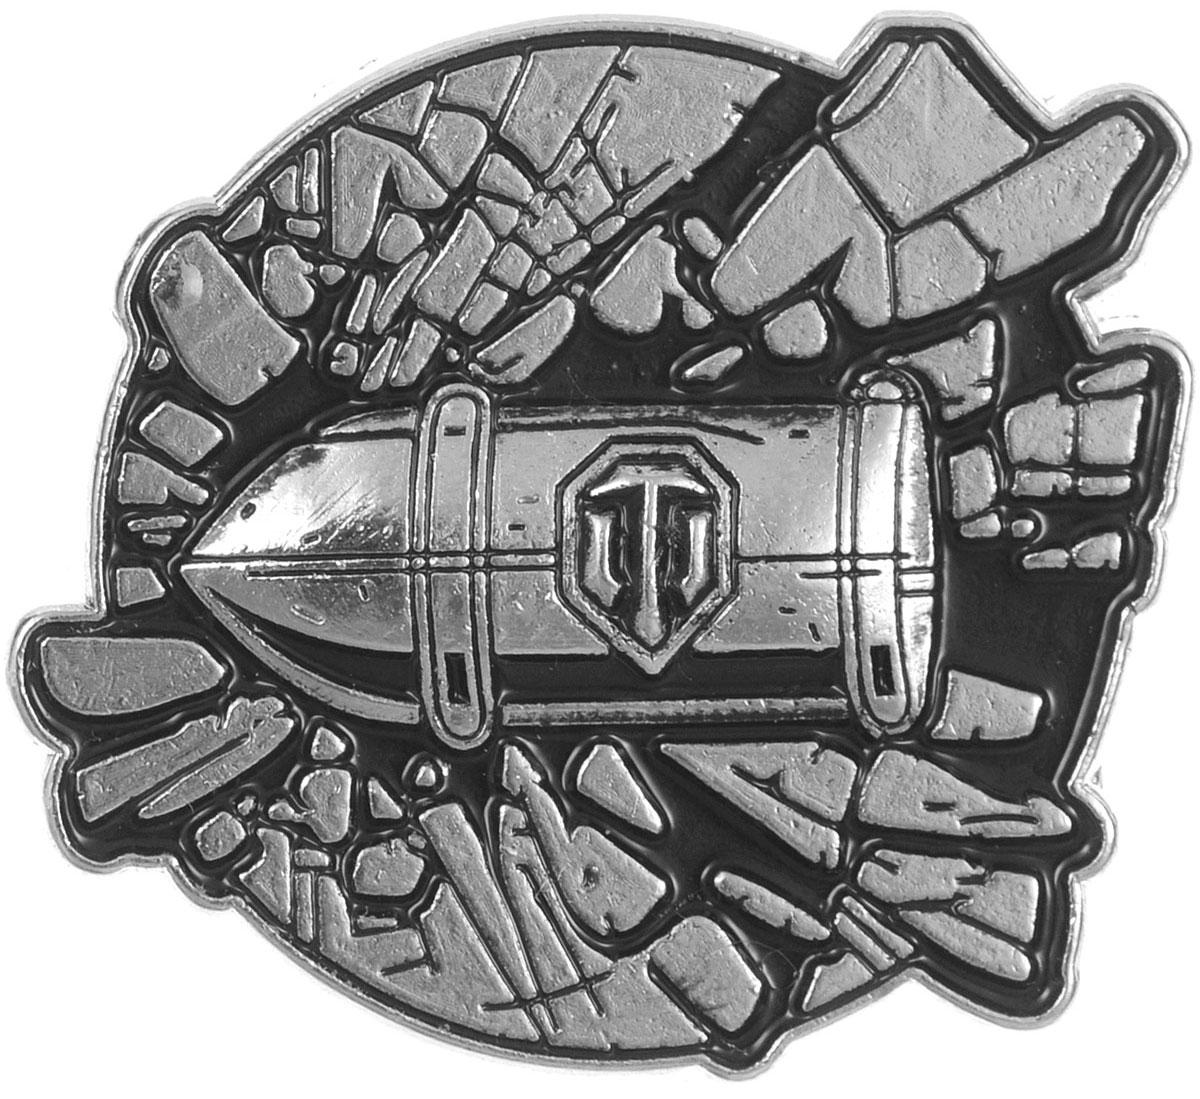 Значок World of Tanks Снаряд, цвет: серебряный. 1420RG-D31SЗначок Снаряд от World of Tanks изготовлен из цинкового сплава и оформлен объемным изображением летящего снаряда. Изделие крепится с помощью застежки-гвоздика.Значок - это важный аксессуар истинного игрока.